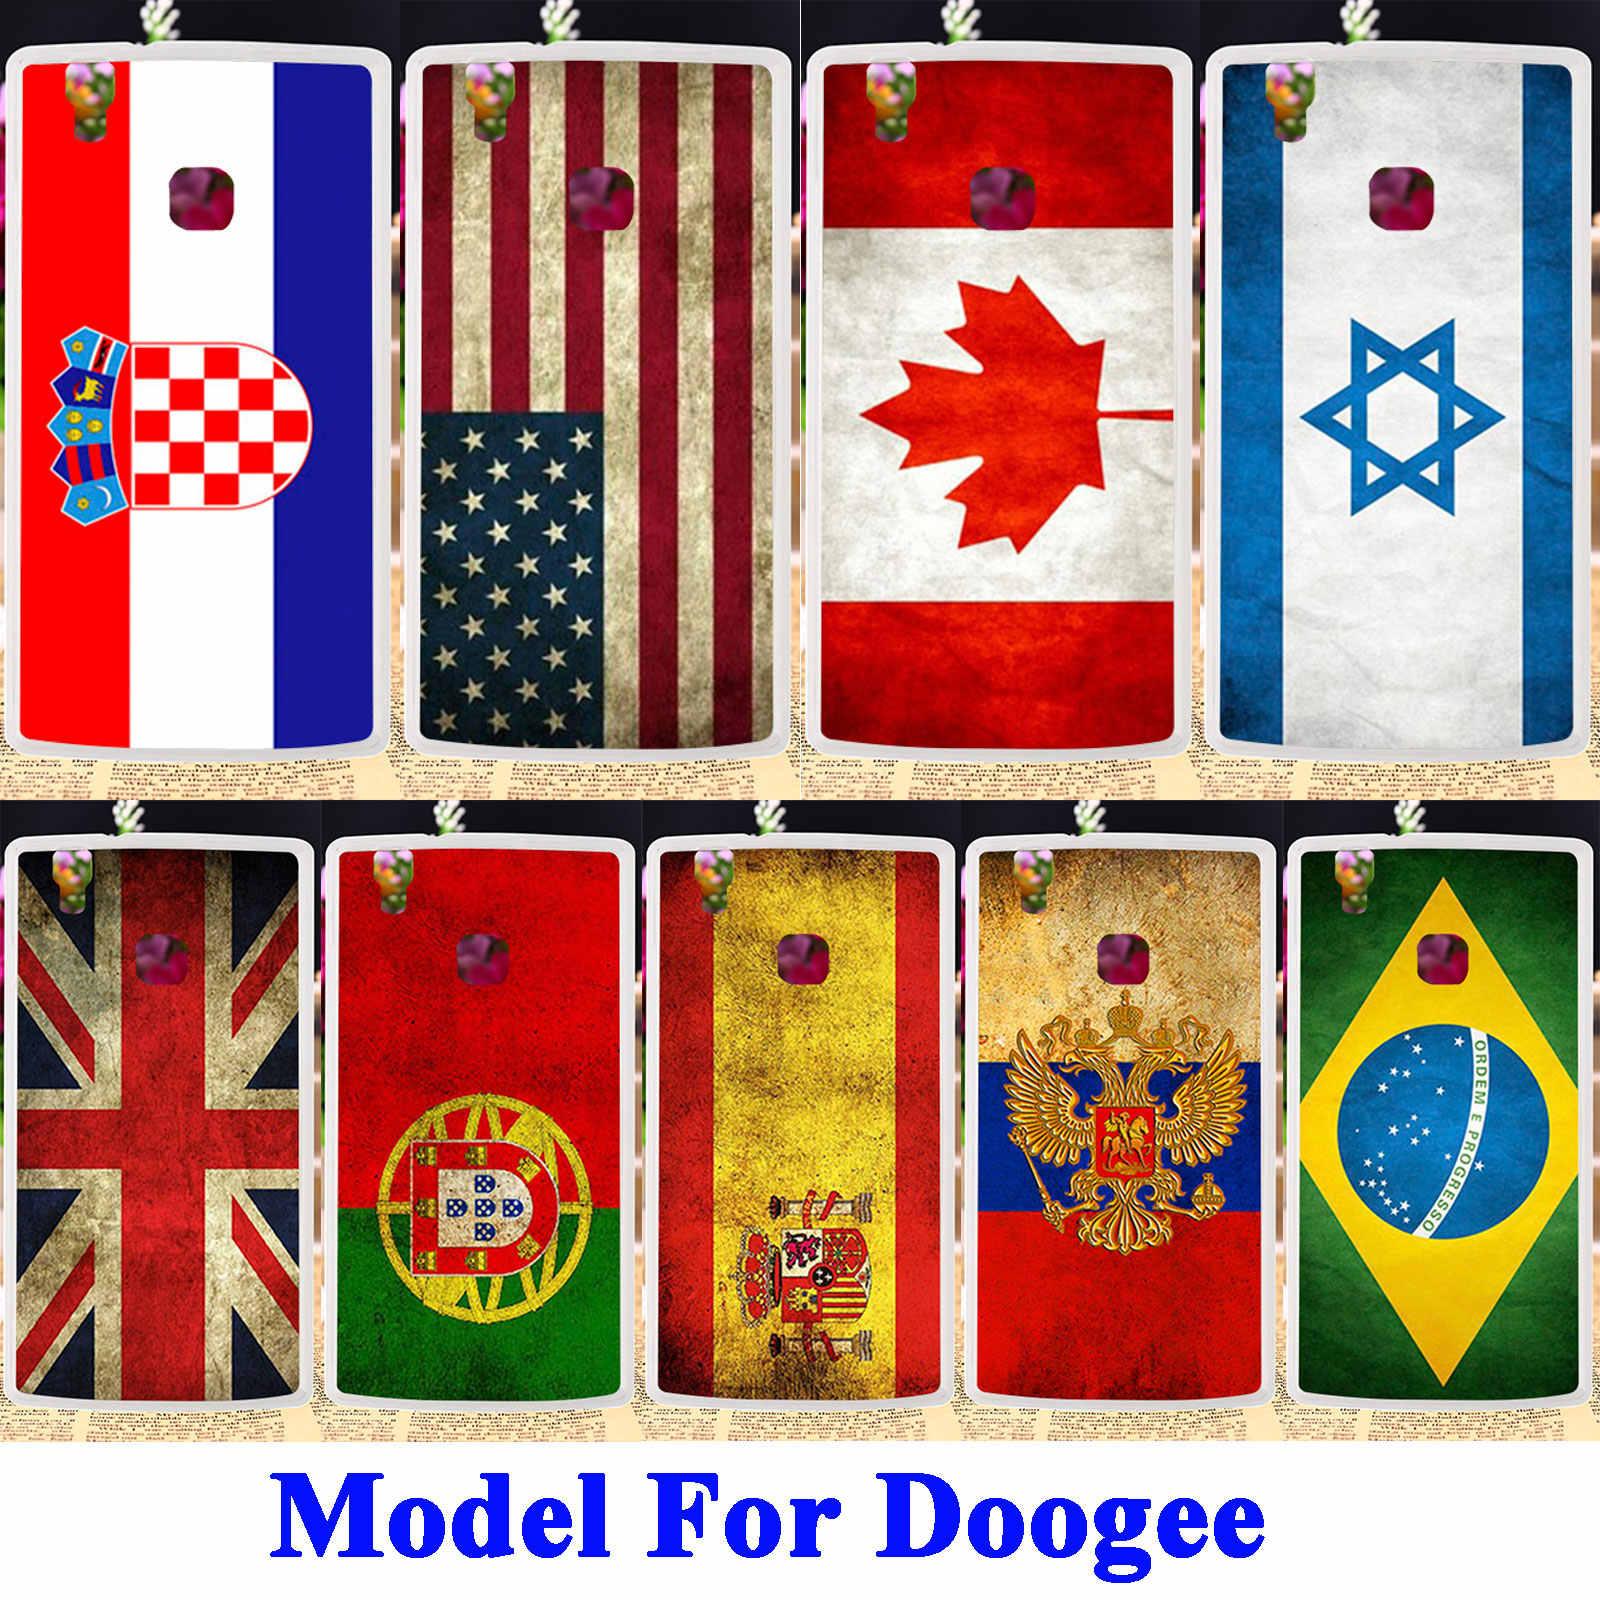 Anunob Molle Del Telefono di TPU Della Copertura di Caso Per Doogee X5 Max X5 Max Pro F5 X5 X6 Y6C Y6 Y100 Pro homtom HT3 Pro HT16 HT17 Borsa Bandiera Borsette